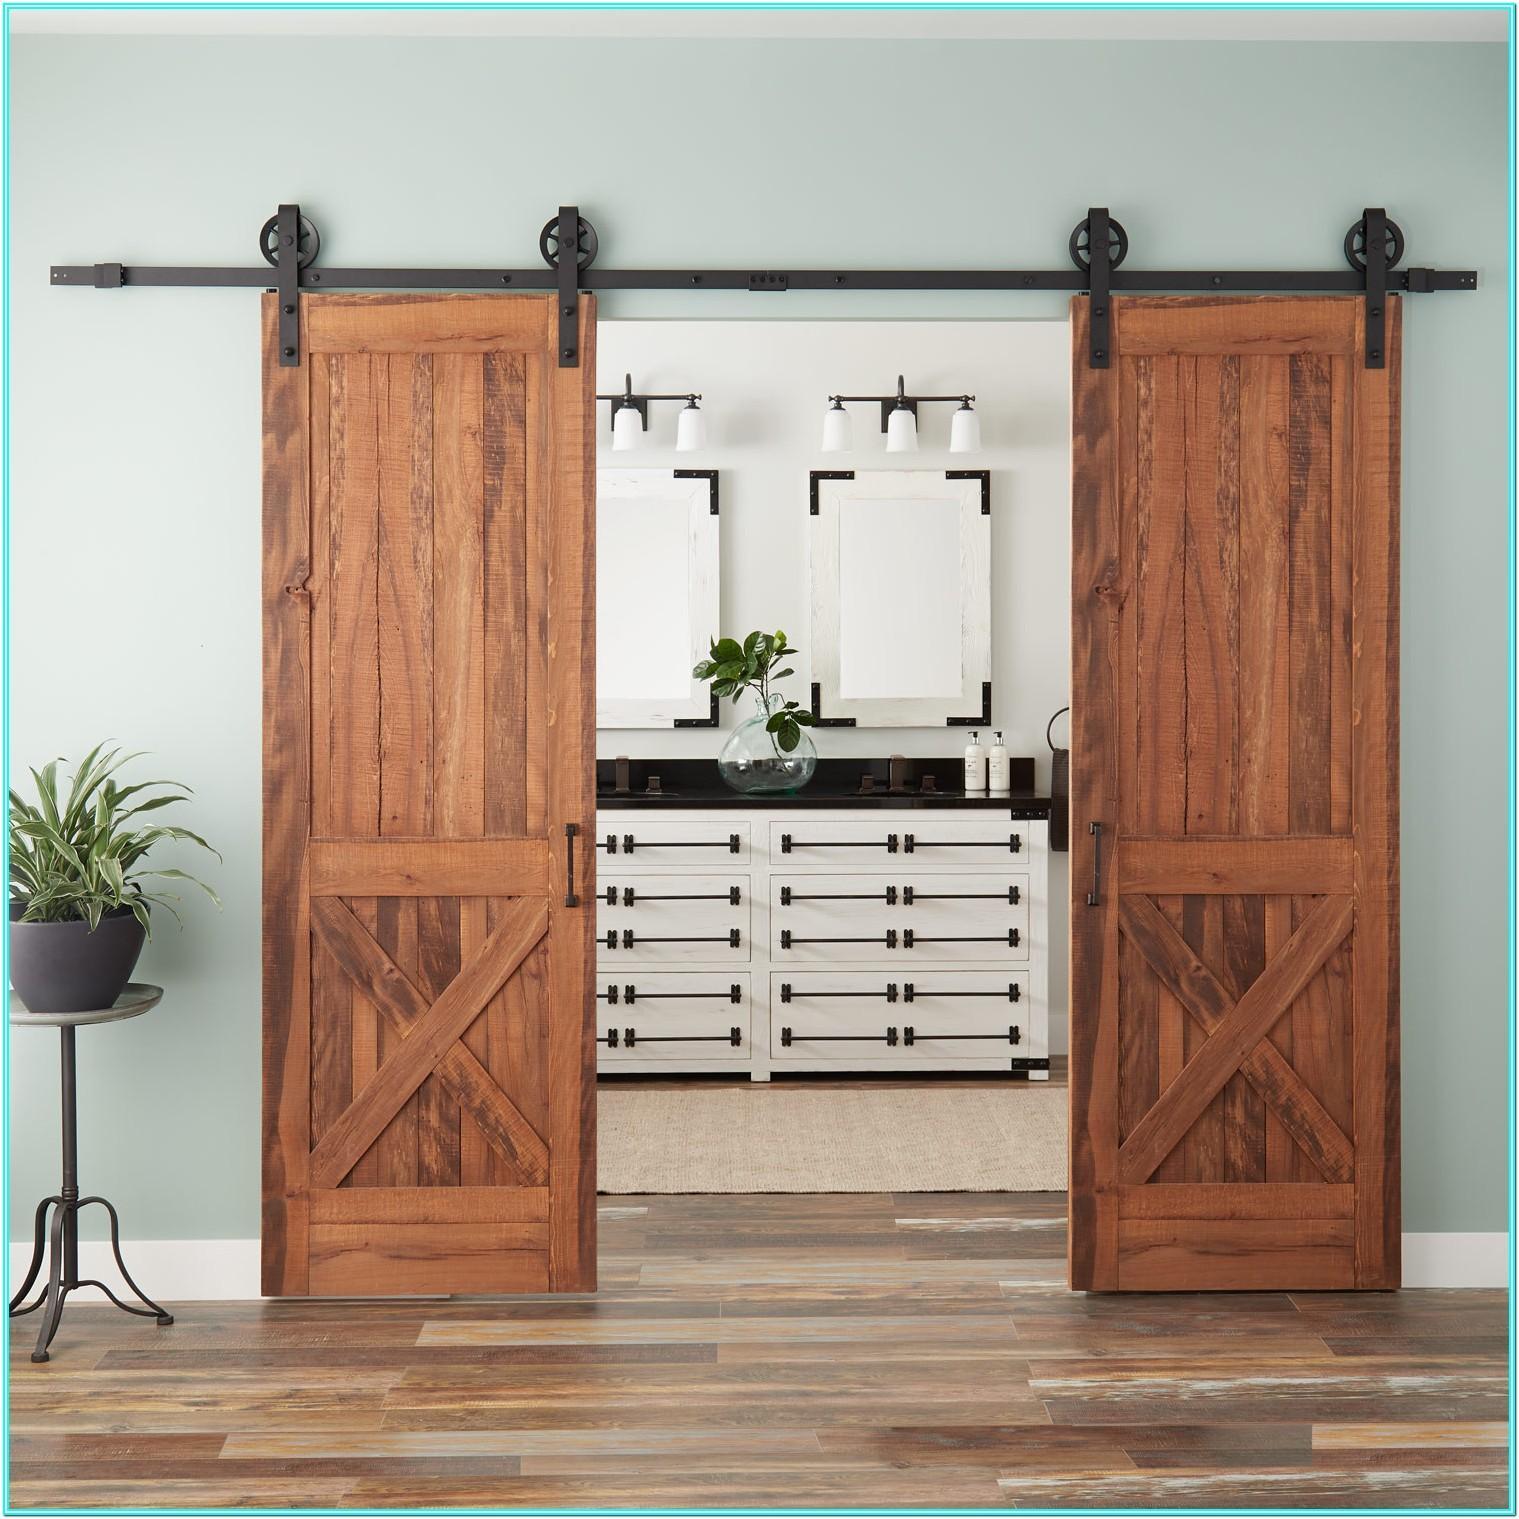 Double Barn Doors Living Room